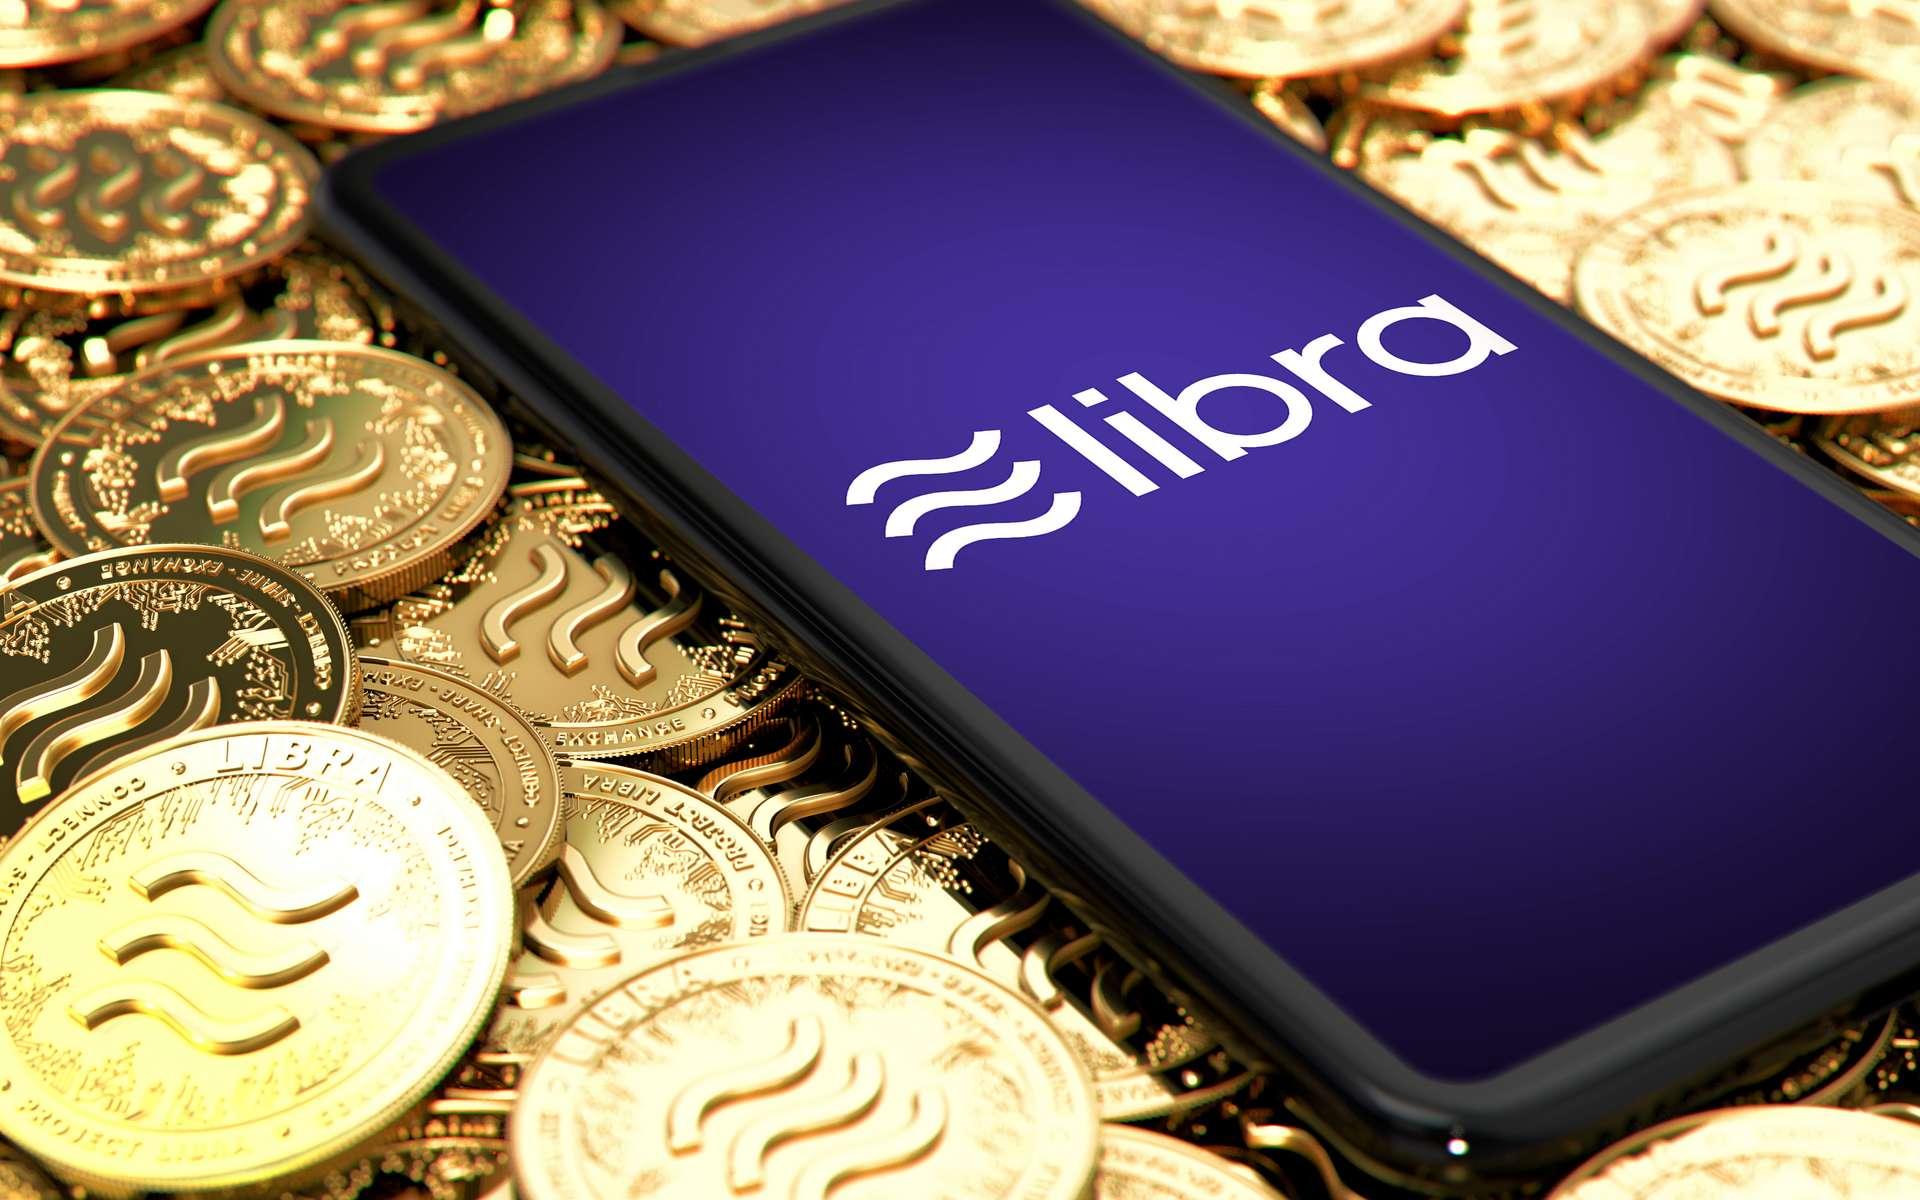 La nouvelle monnaie Libra, qui inquiète la plupart des gouvernements, sera-t-elle mise en circulation au cours de l'année 2020 ? © Wit, Adobe Stock